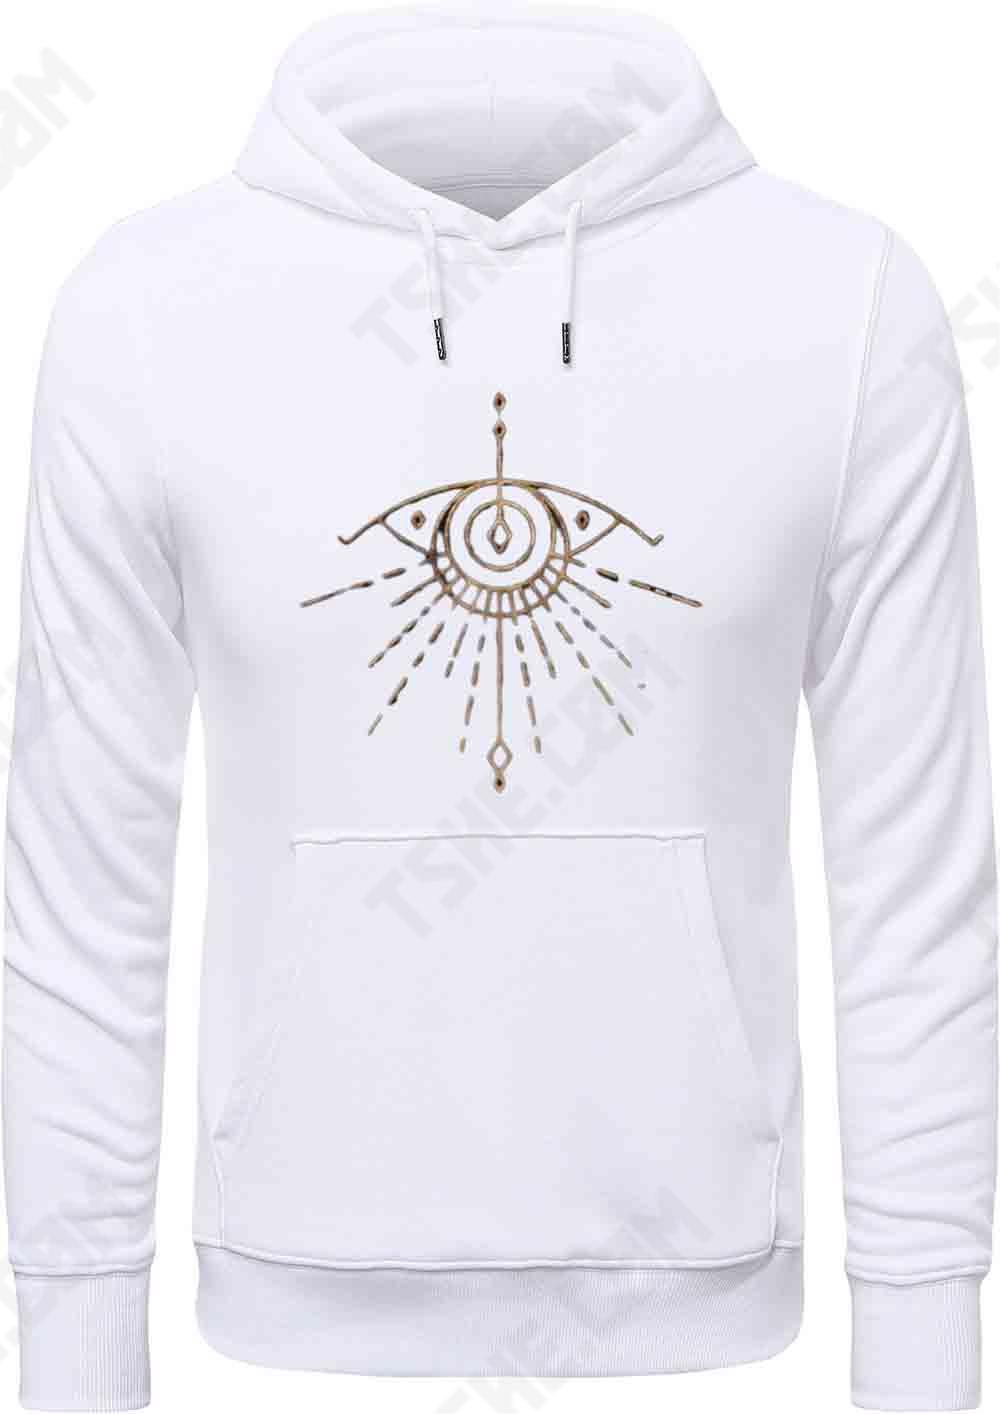 定制文化衫创意素材 2020年流行印花图案